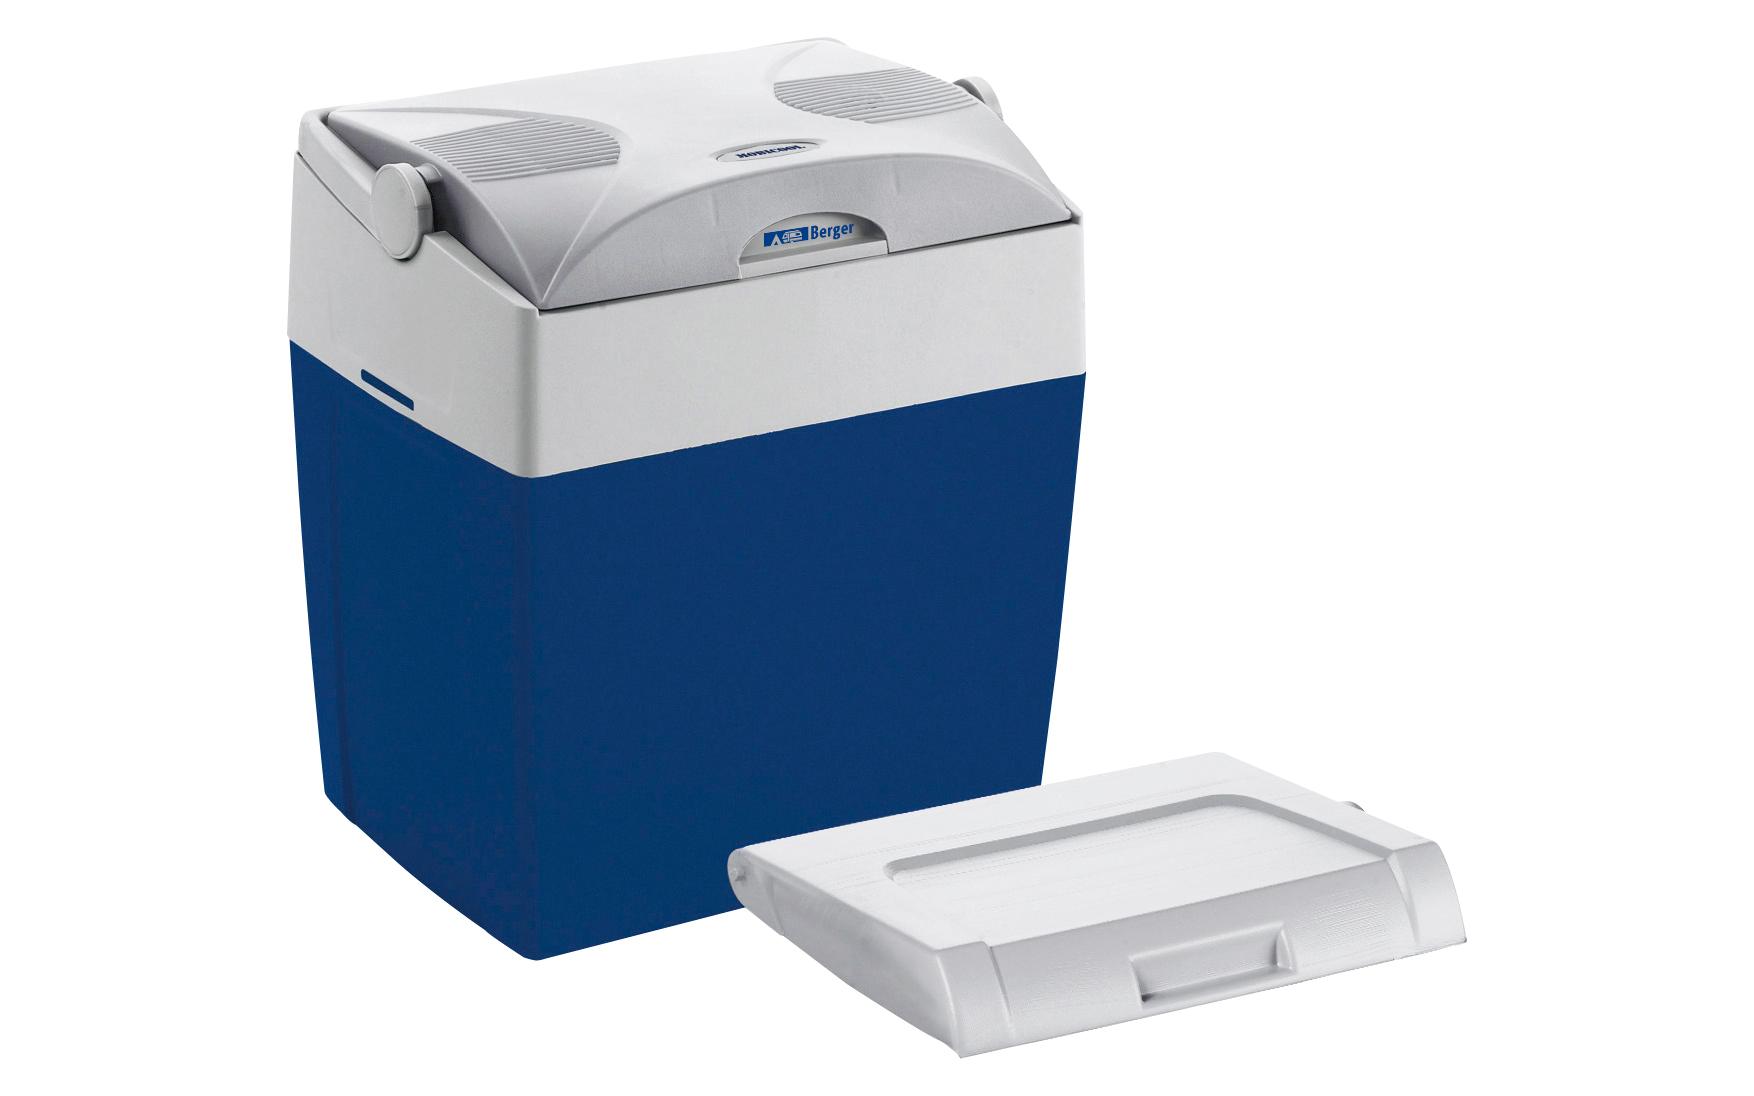 Kühlbox DC/AC 29 Liter | 04015704209020